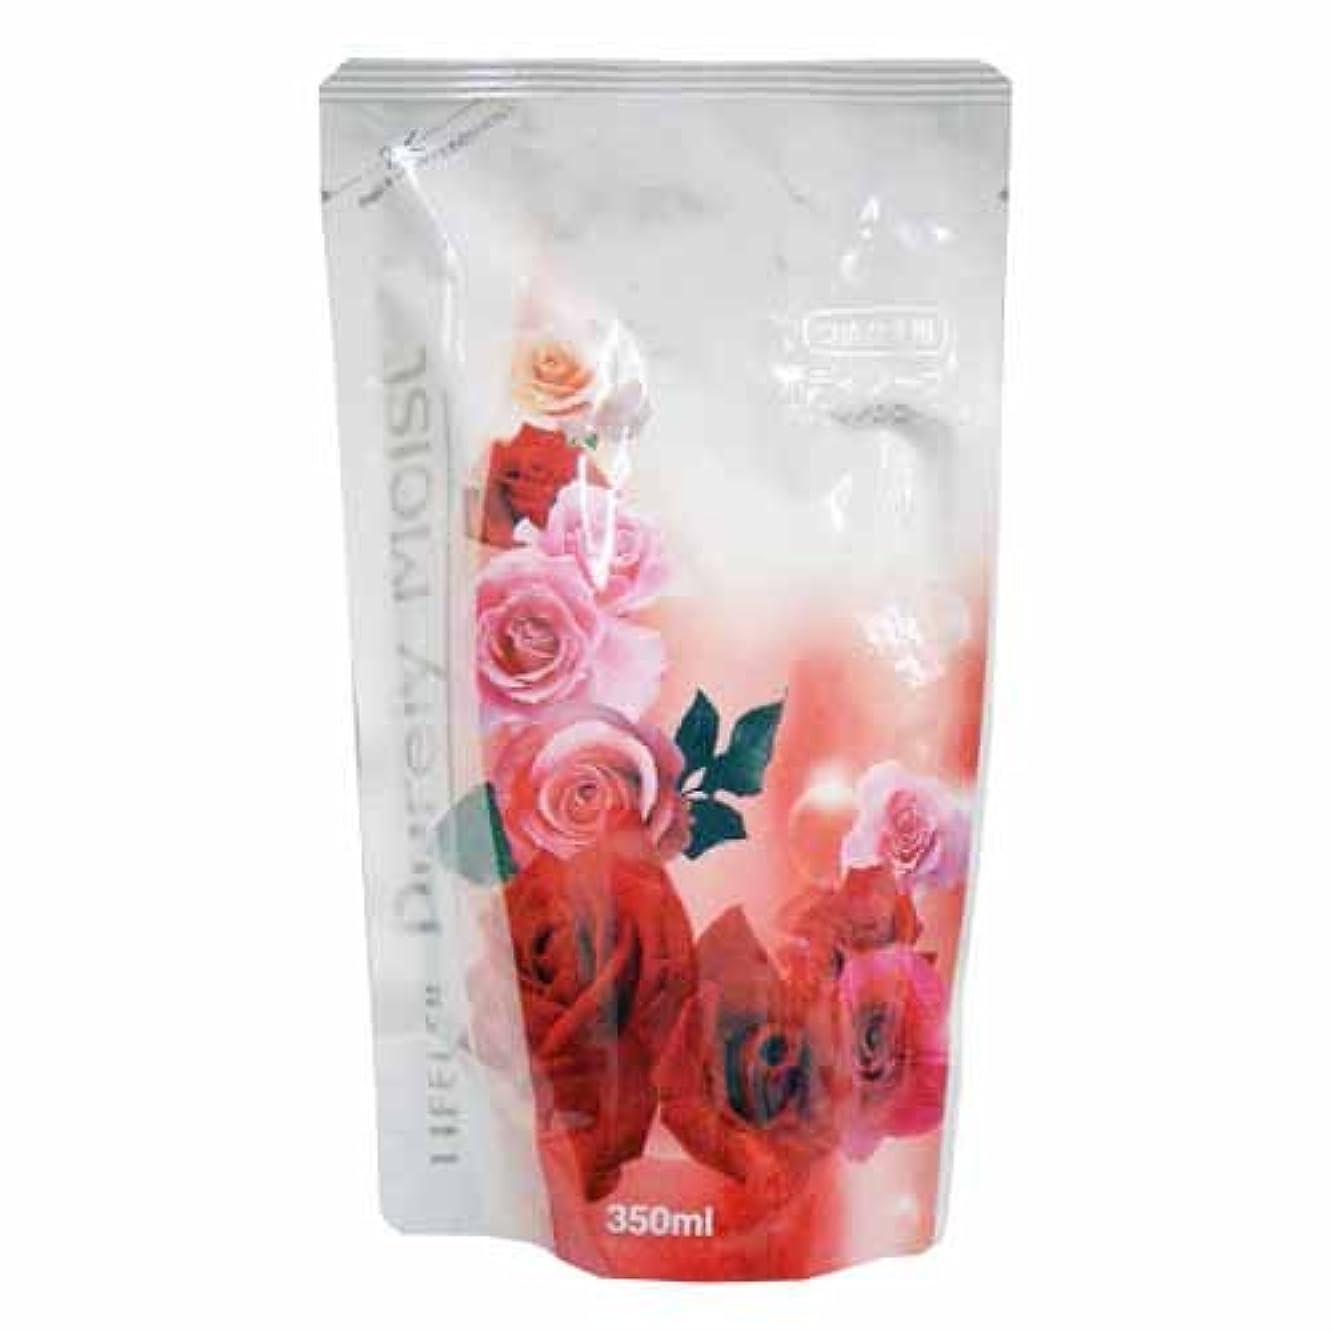 フォーラムアルコール豪華なコーナンオリジナル Purely Moist ボディソープ ブルガリアンローズの香り つめかえ用 350ml